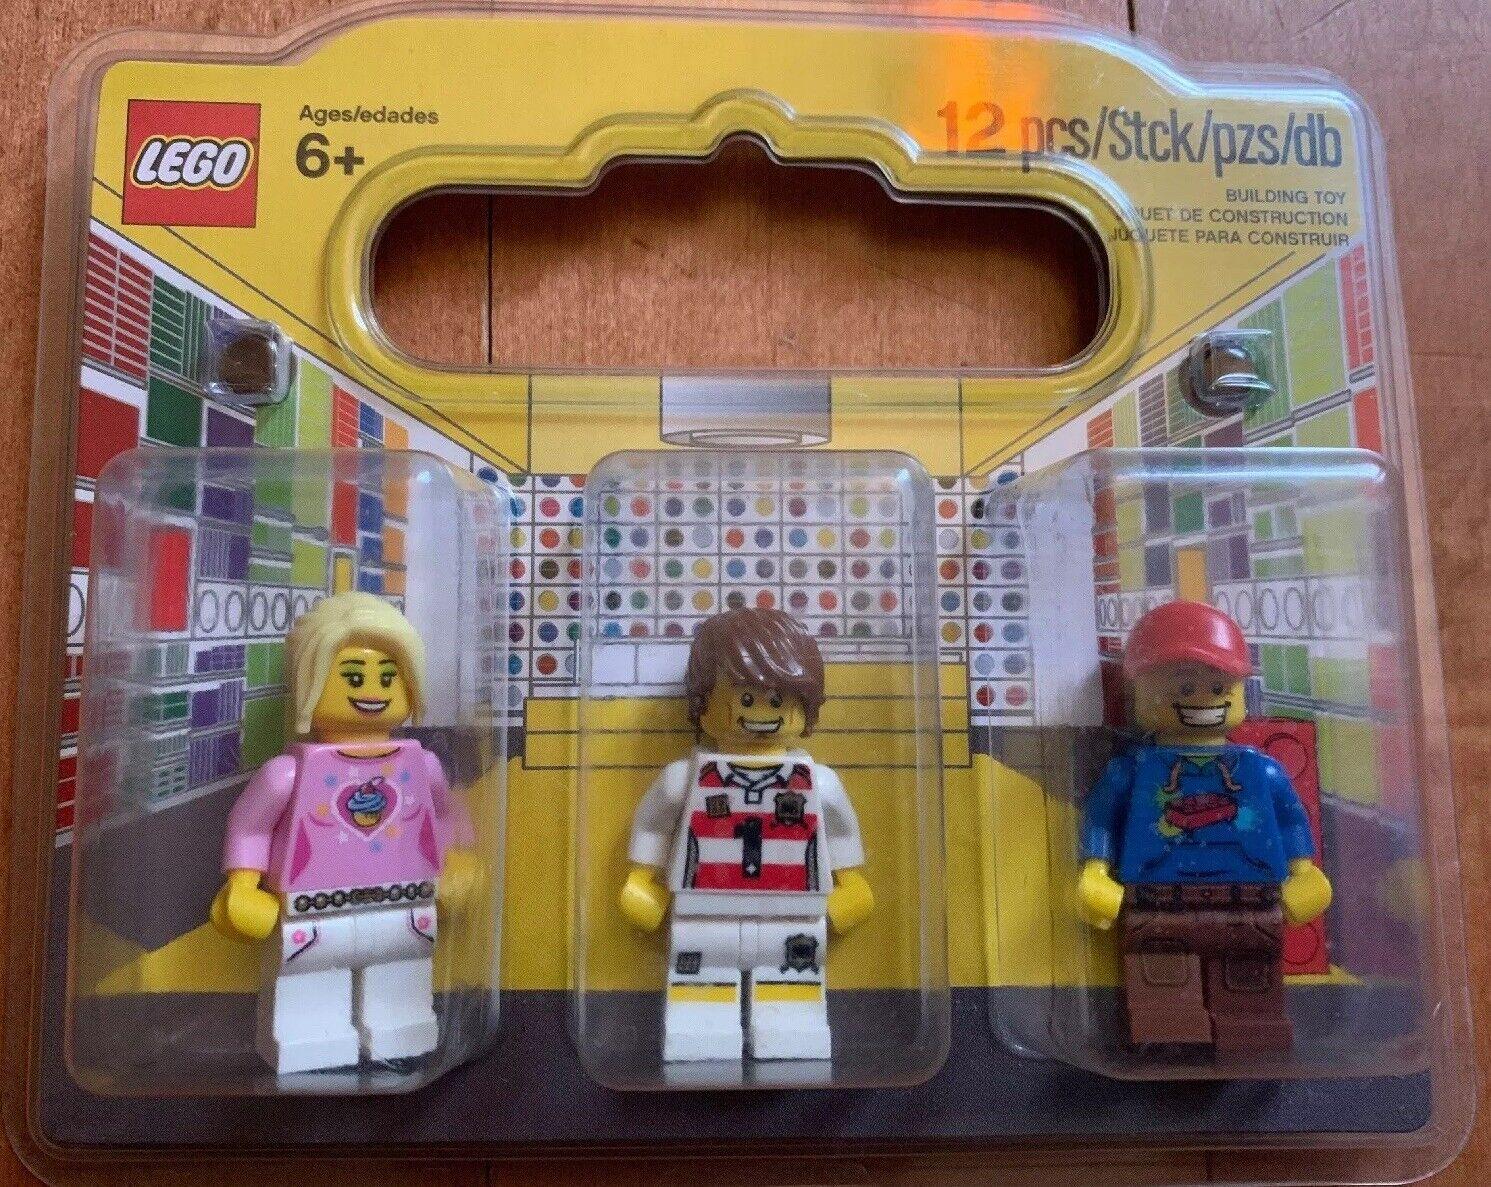 acquistare ora LEGO Gre Gre Gre Re-opening Collectible Minifigs nuovo Set Of 3 Minicifras Promotion  prodotti creativi